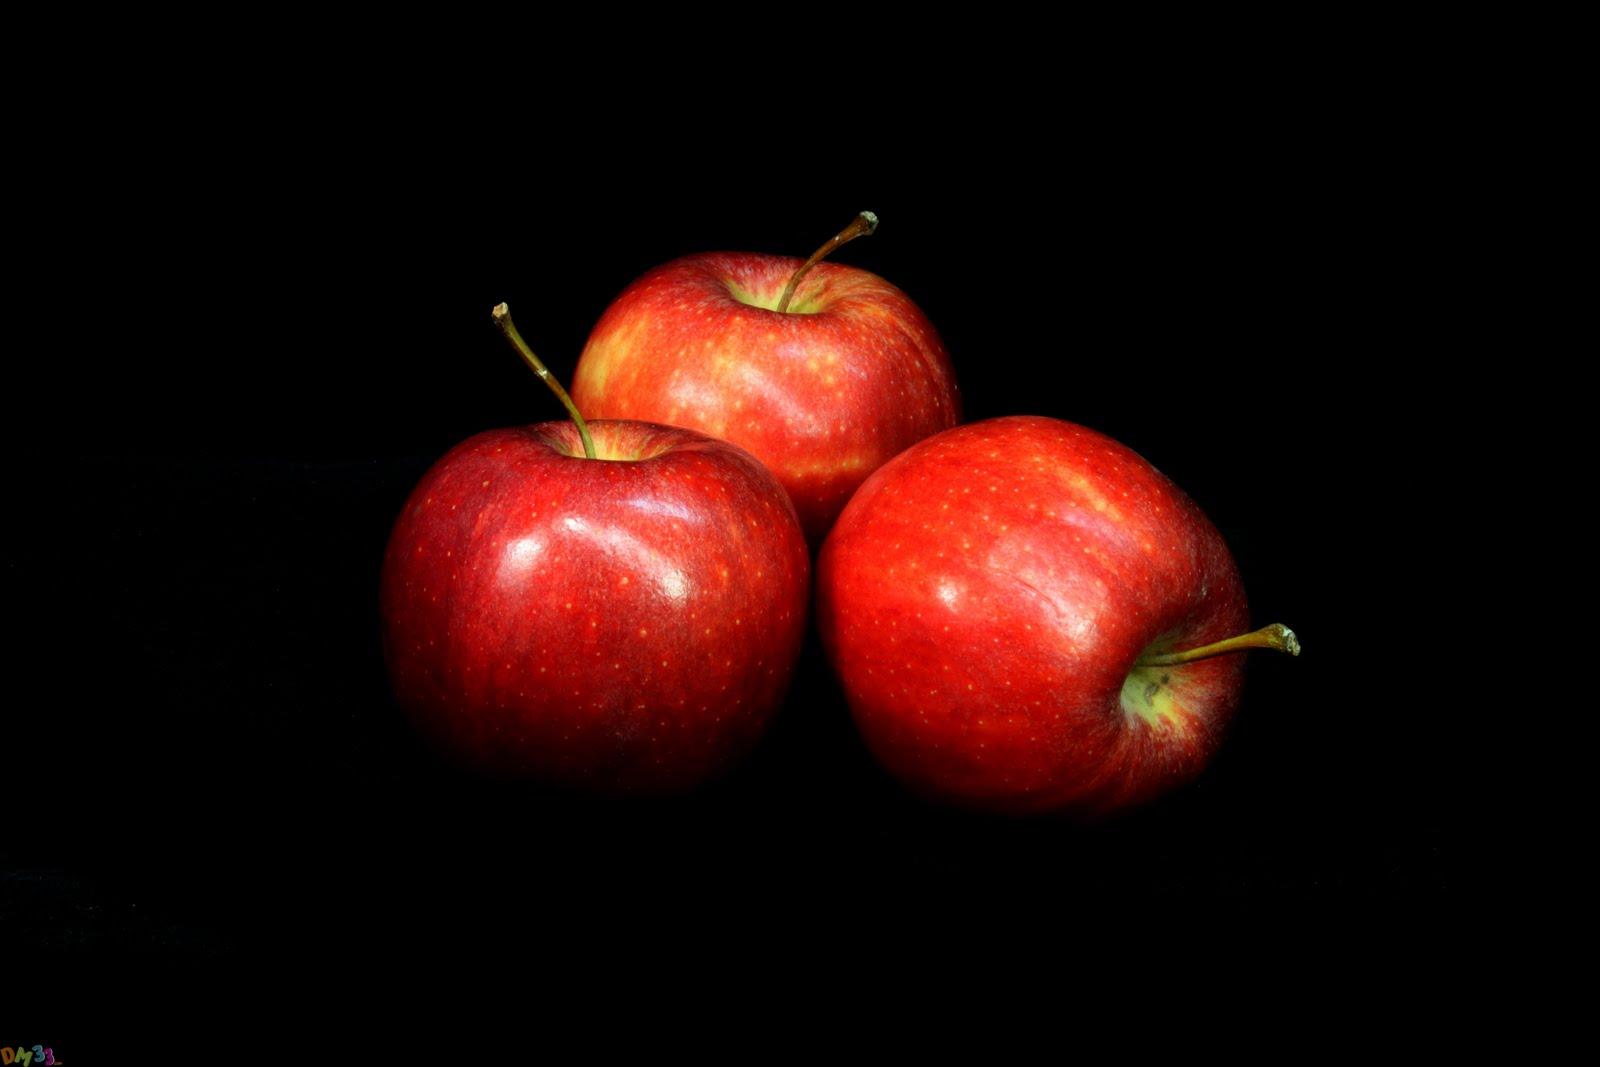 Las mejores im genes gratis frutas